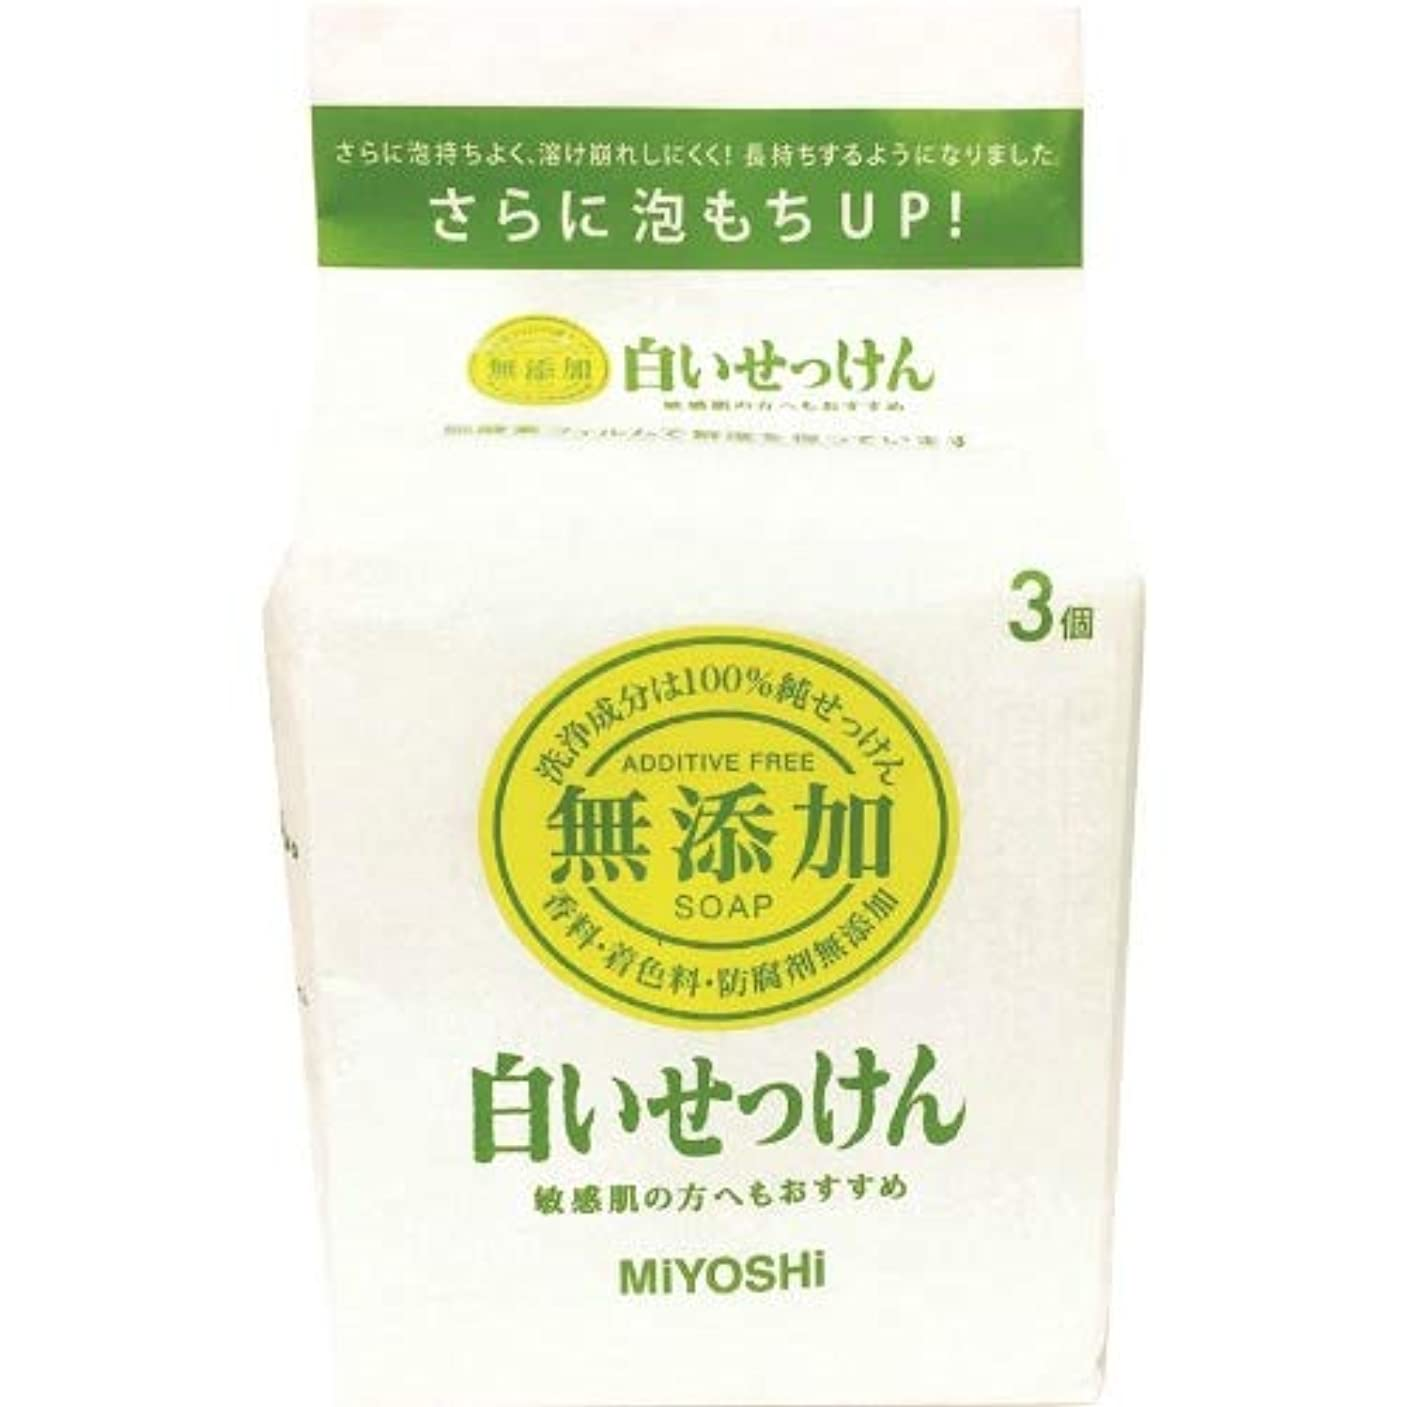 オーナメントシダ盲目ミヨシ石鹸 MIYOSHI 無添加 白いせっけん 108g×3個入 ボディ用